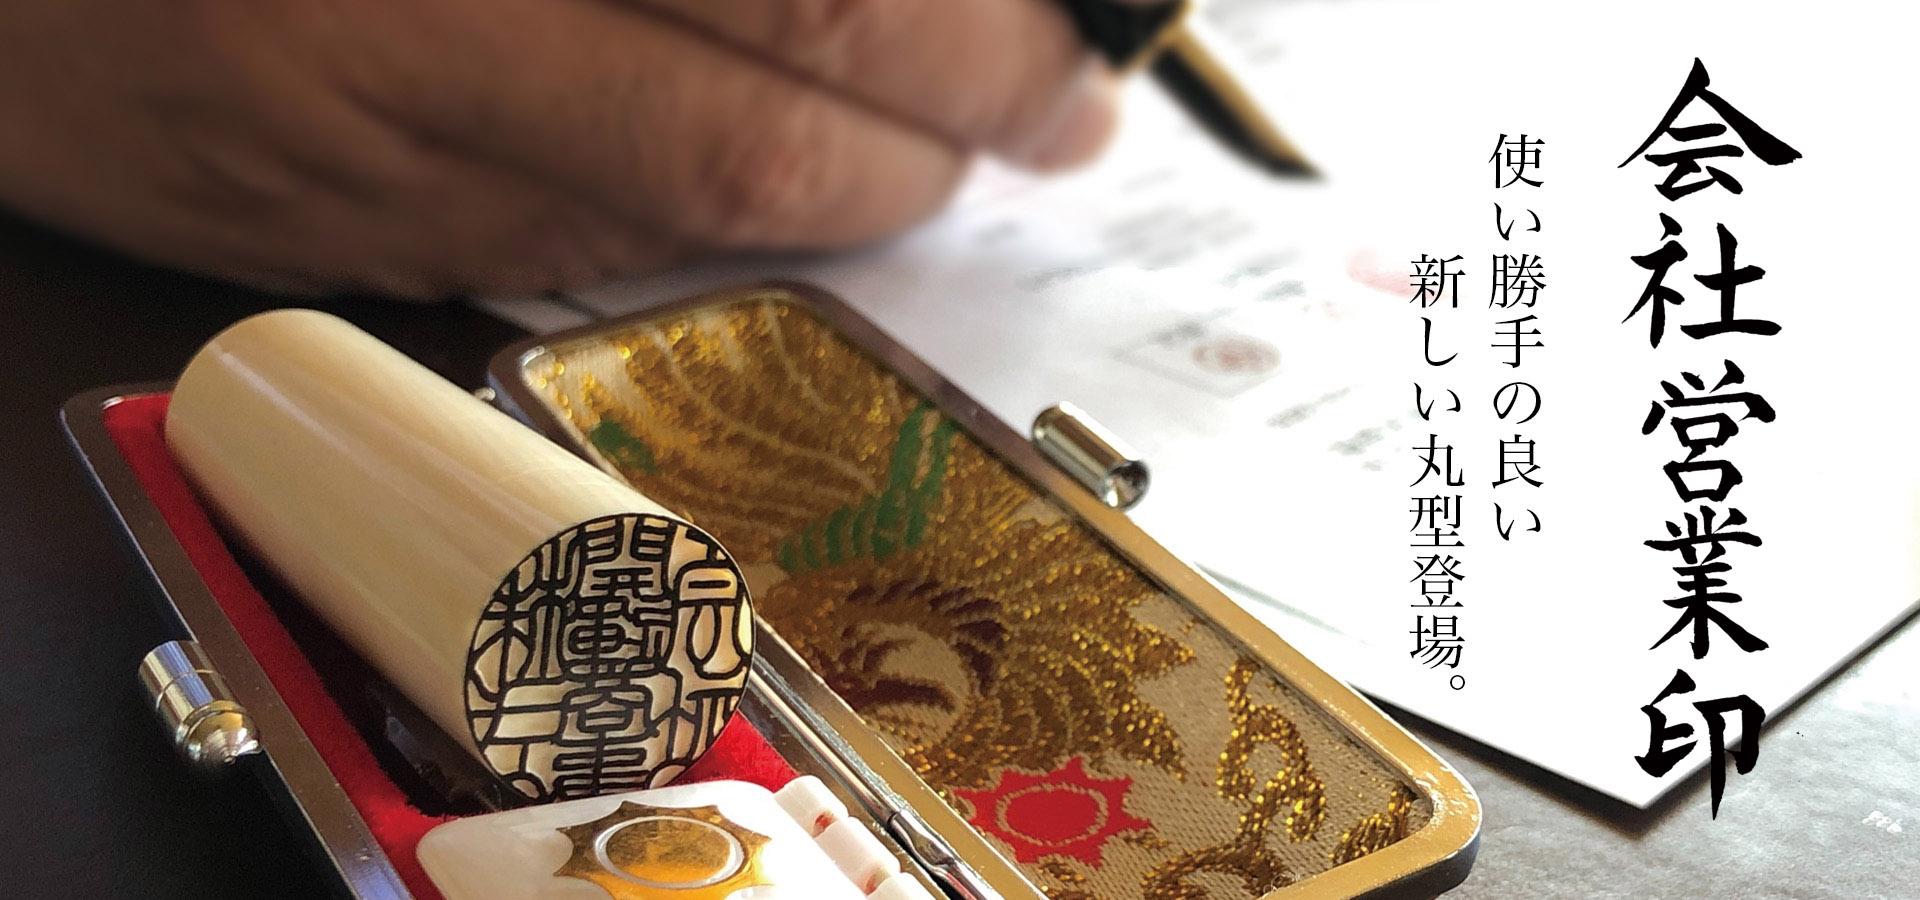 伝統工芸手彫りの印鑑